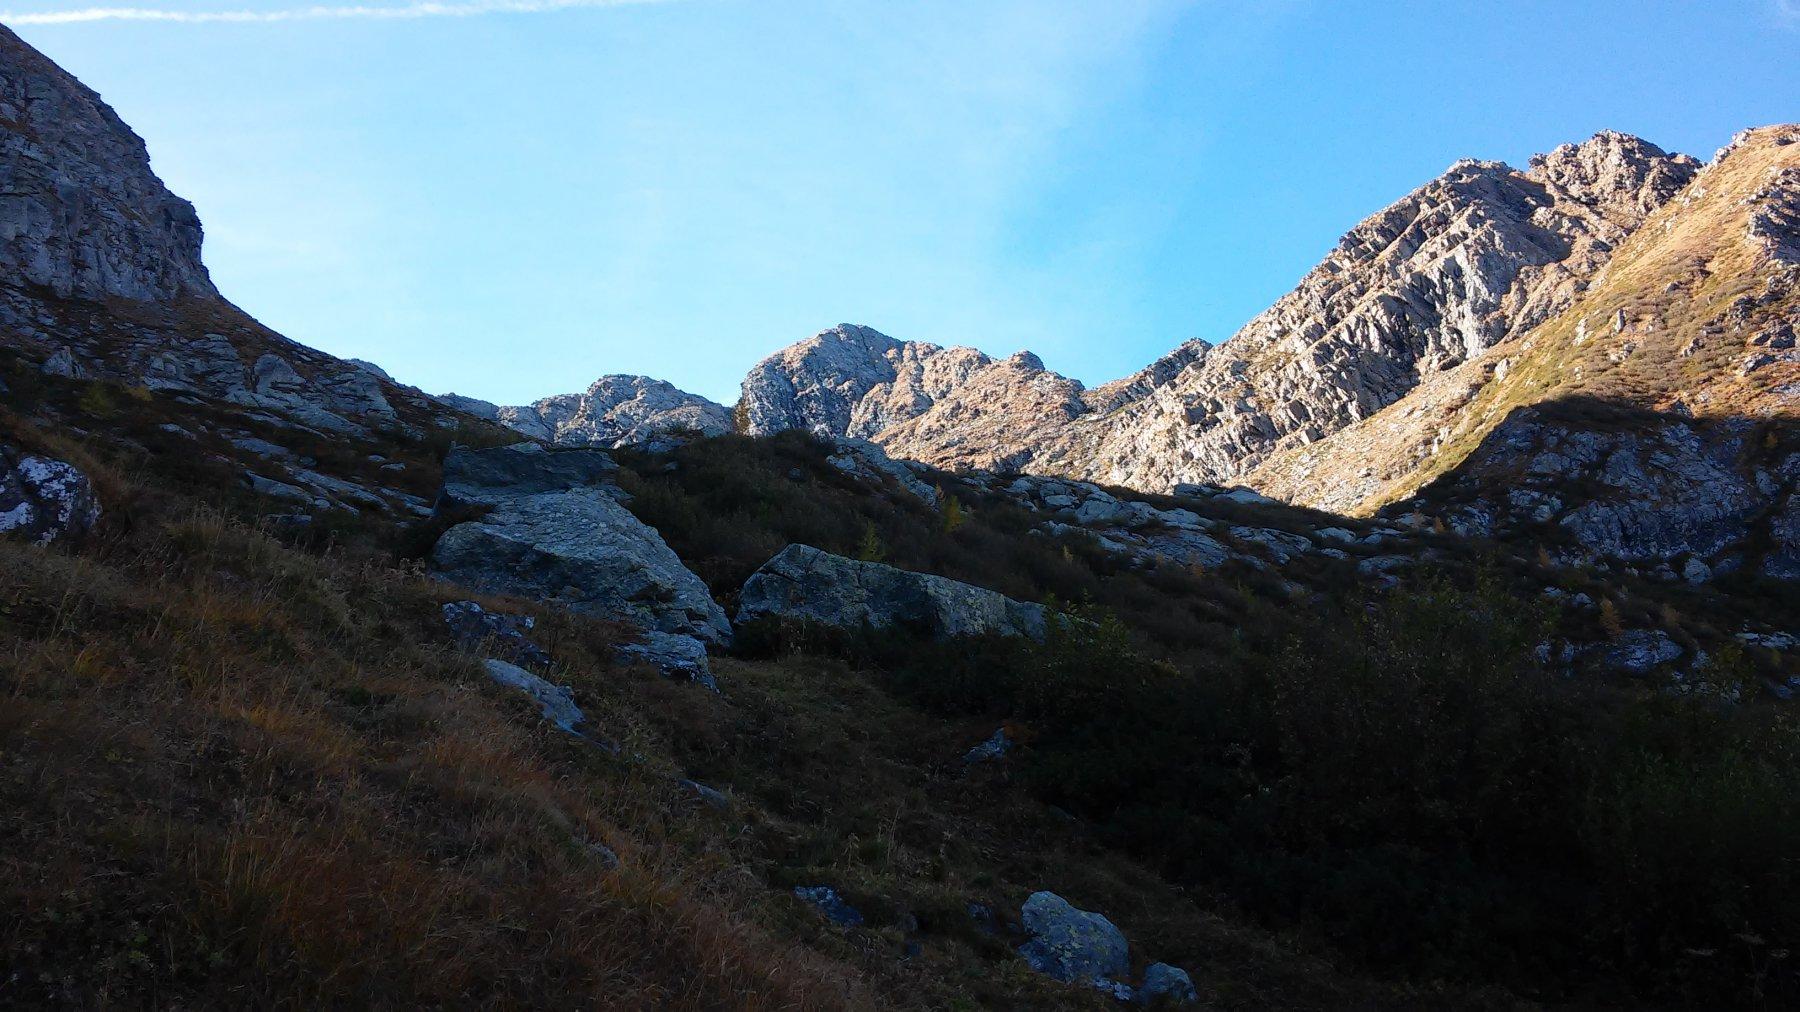 La conca del Forno a sx Cruvin ovest mt.2712 al centro Rocca del Forno mt.2722, a dx Punta della Forcola mt.2590